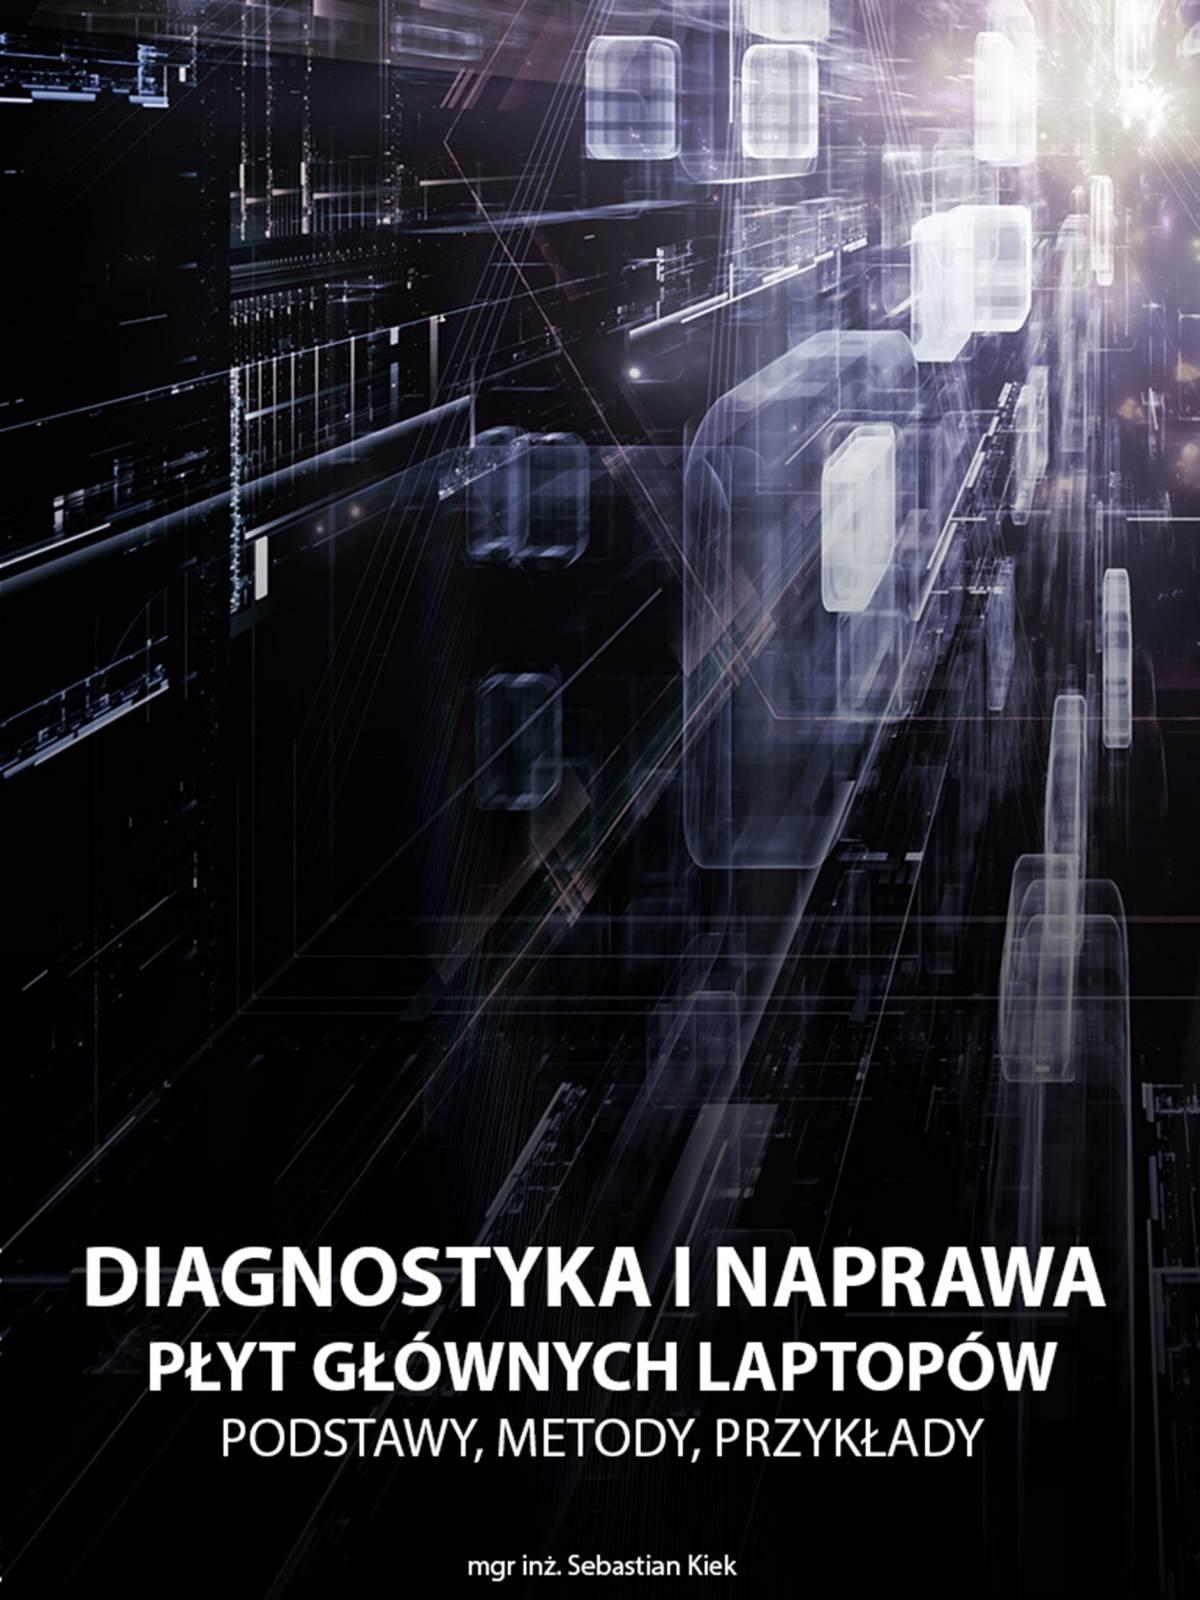 Diagnostyka i naprawa płyt głównych laptopów - Ebook (Książka EPUB) do pobrania w formacie EPUB